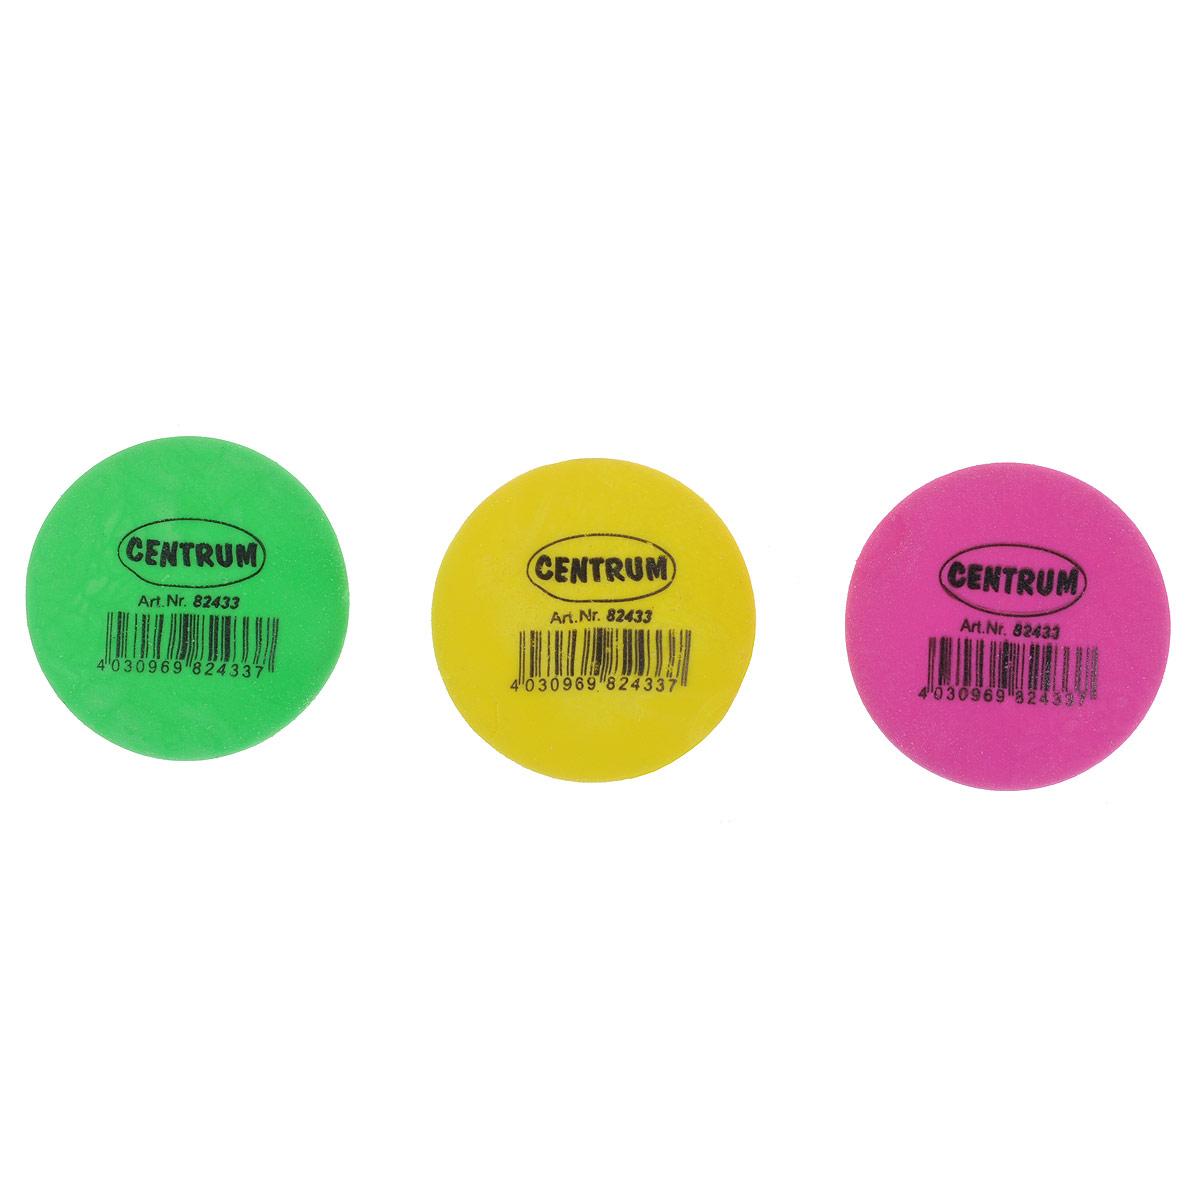 Набор ластиков Centrum Neon, 27 штFS-36054Ластики из набора Centrum Neon предназначены для стирания карандашей с бумаги различной плотности. Круглые ластики выполнены из синтетического каучука ярких неоновых цветов. В наборе 27 ластиков розового, желтого и зеленого цветов (по 7 ластиков каждого цвета), упакованных в отдельные пакеты.